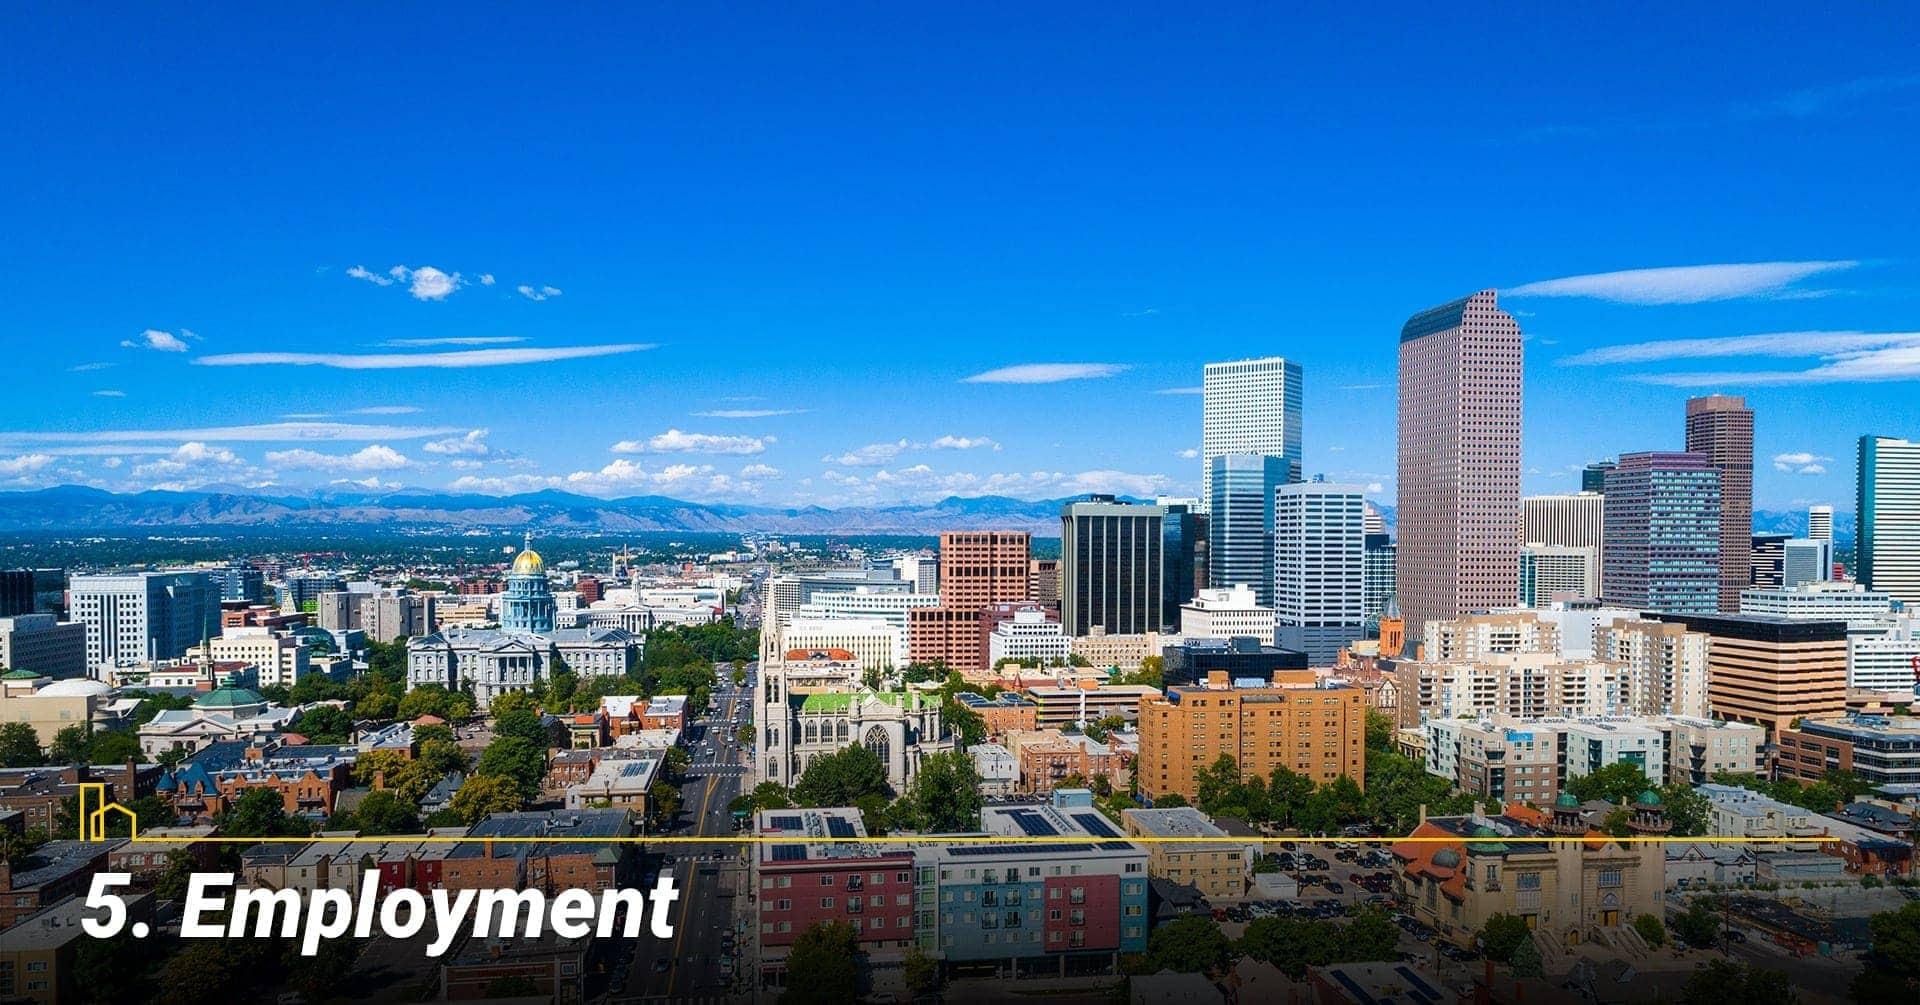 Employment in Denver, Colorado